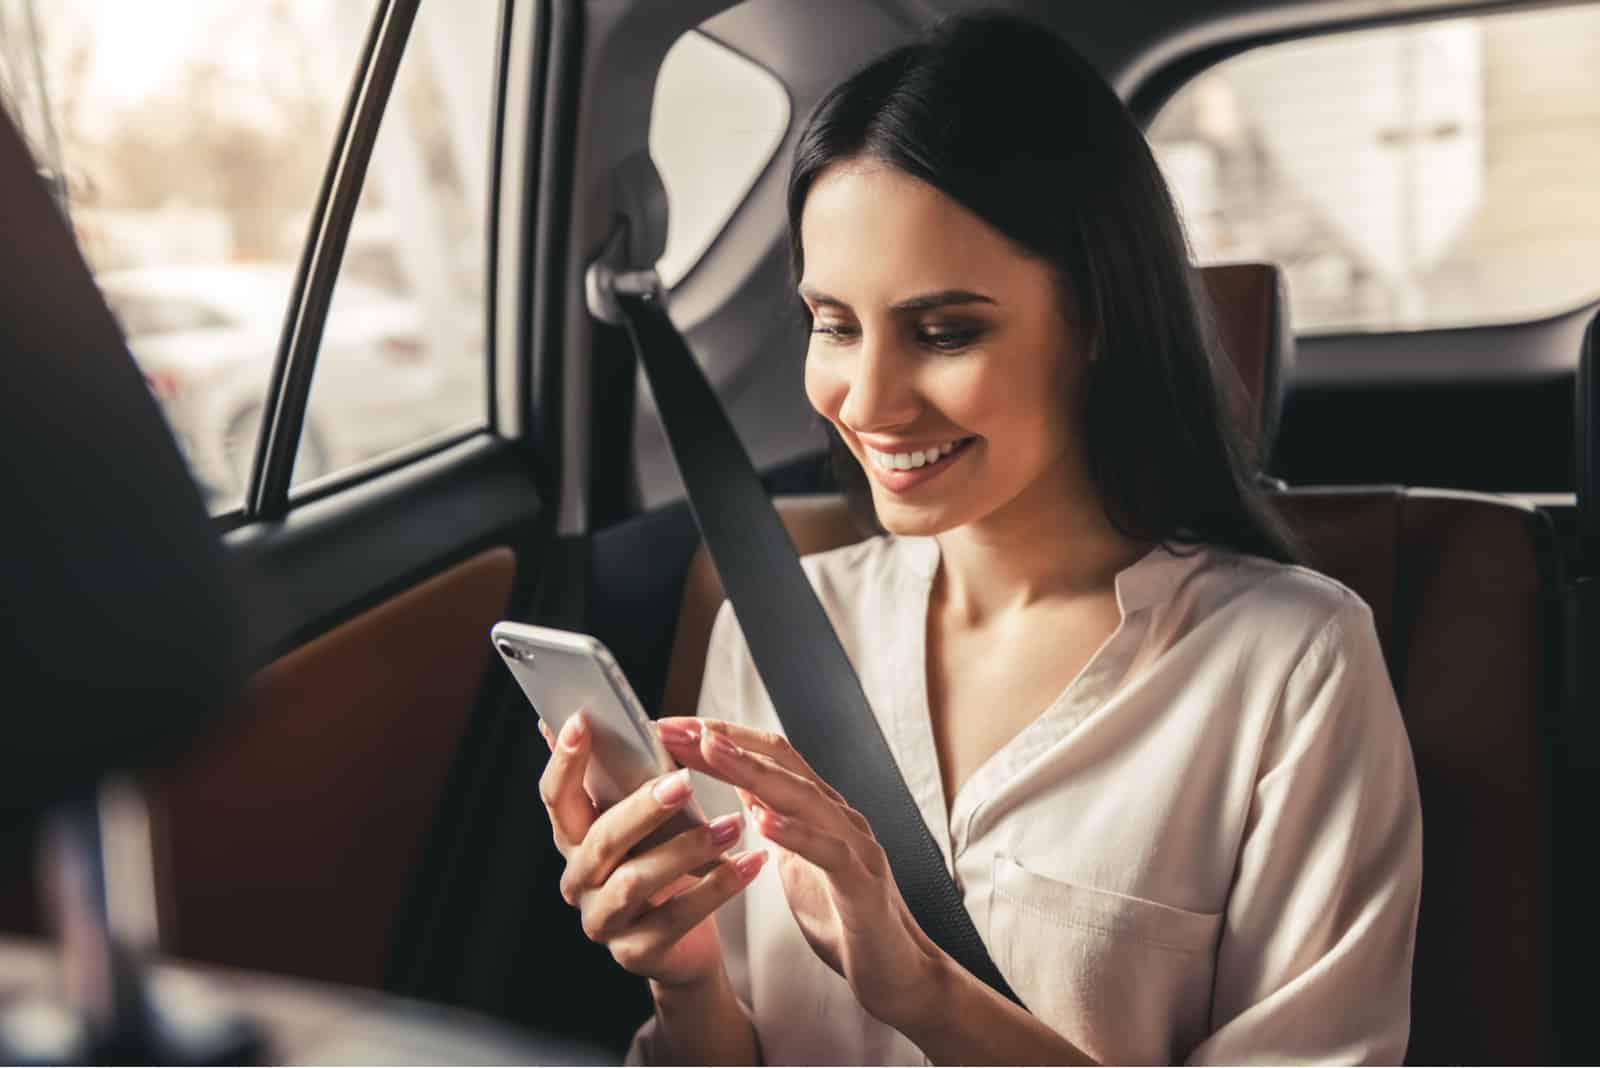 une femme souriante assise dans la voiture et tapant au téléphone